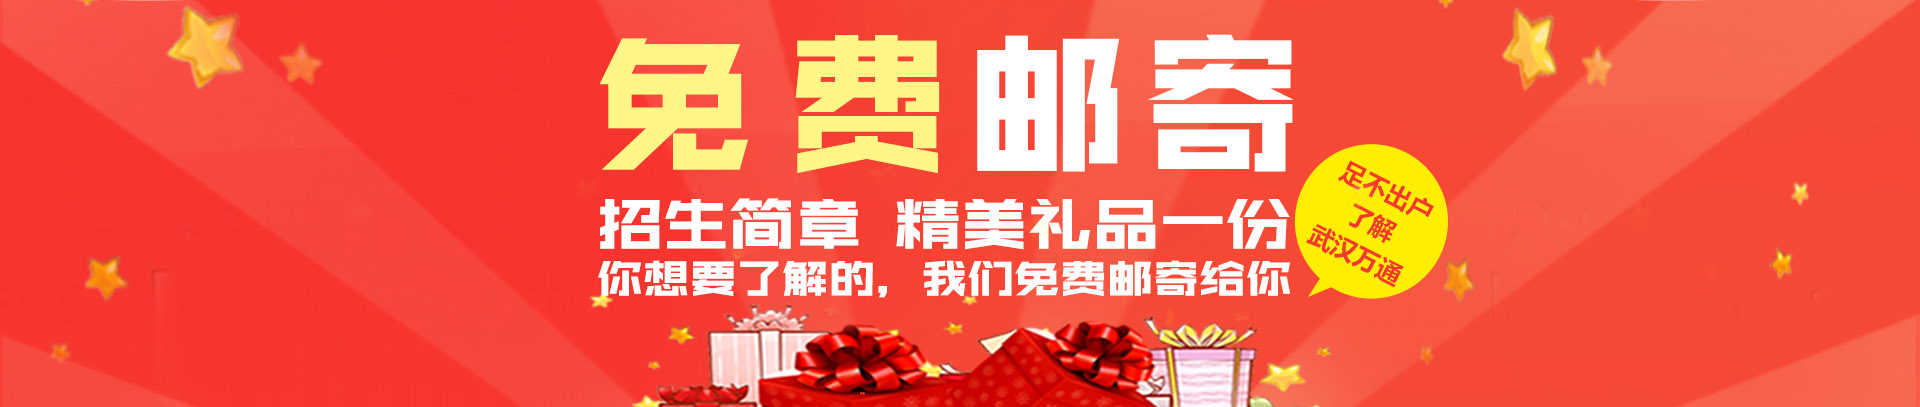 邮寄简章-武汉万通汽修学校